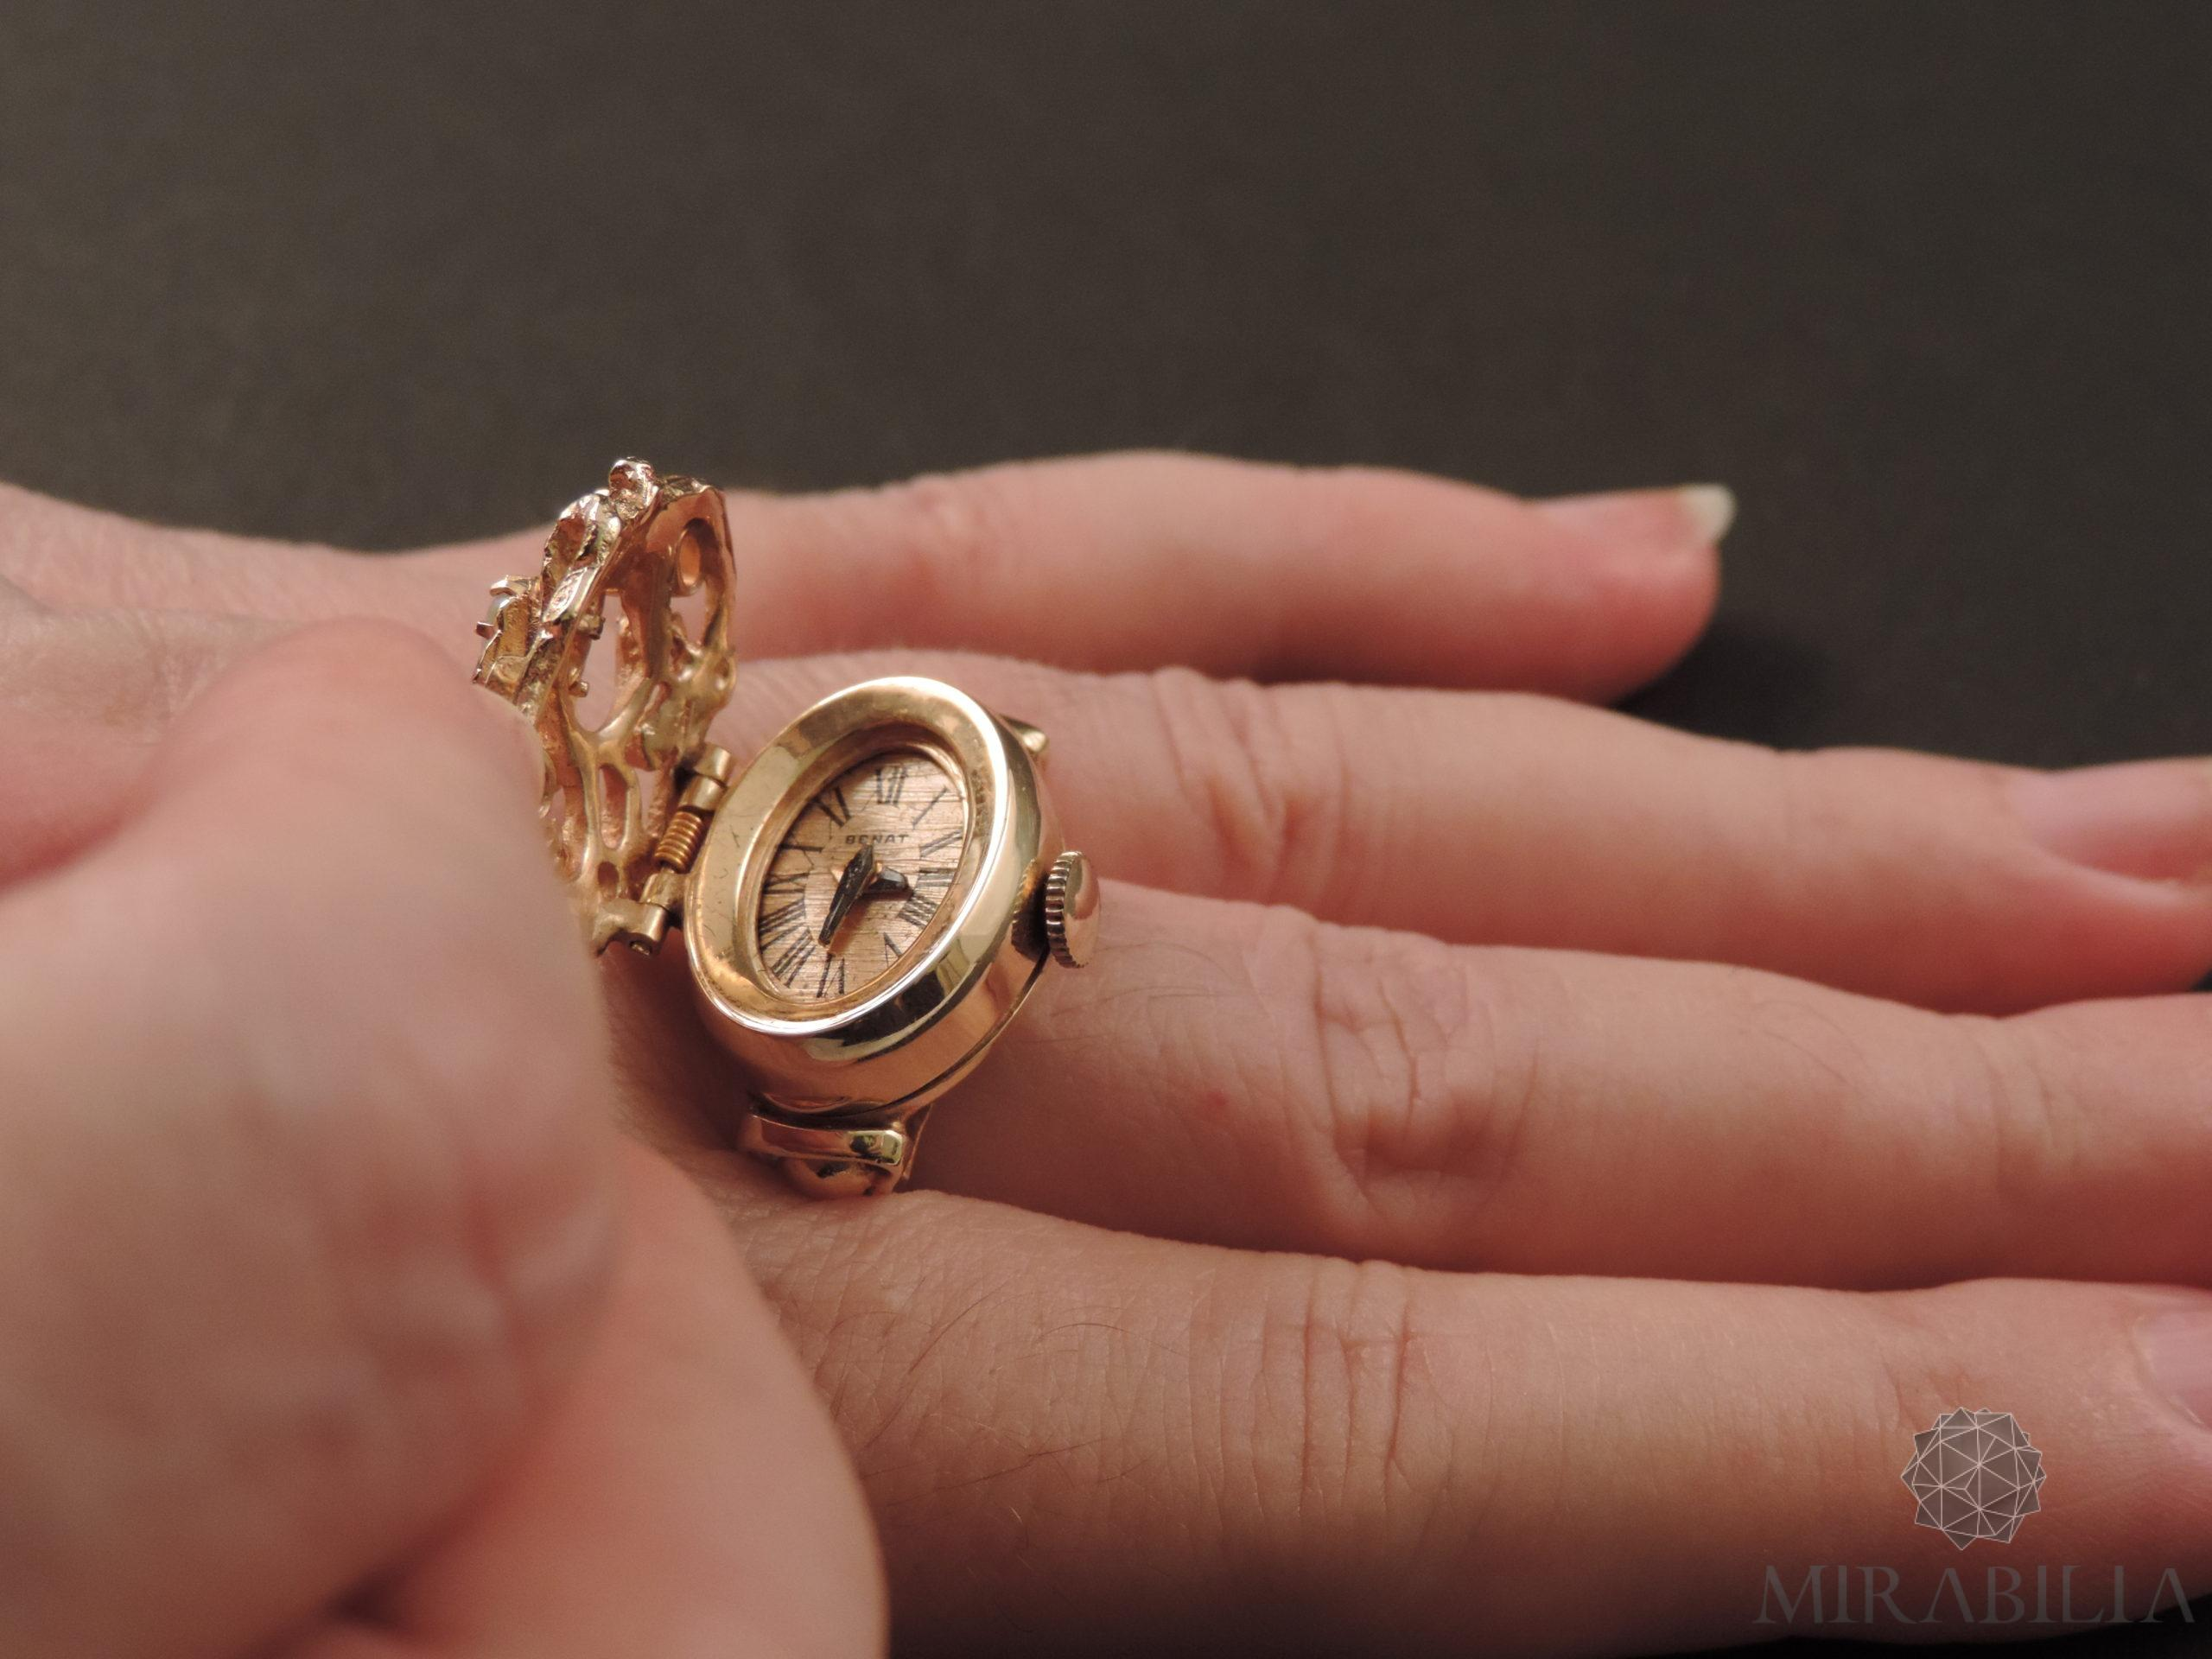 Anello con orologio Benat a scomparsa, in oro e opali, anni '50 (dettaglio piccolo orologio a carica manuale)